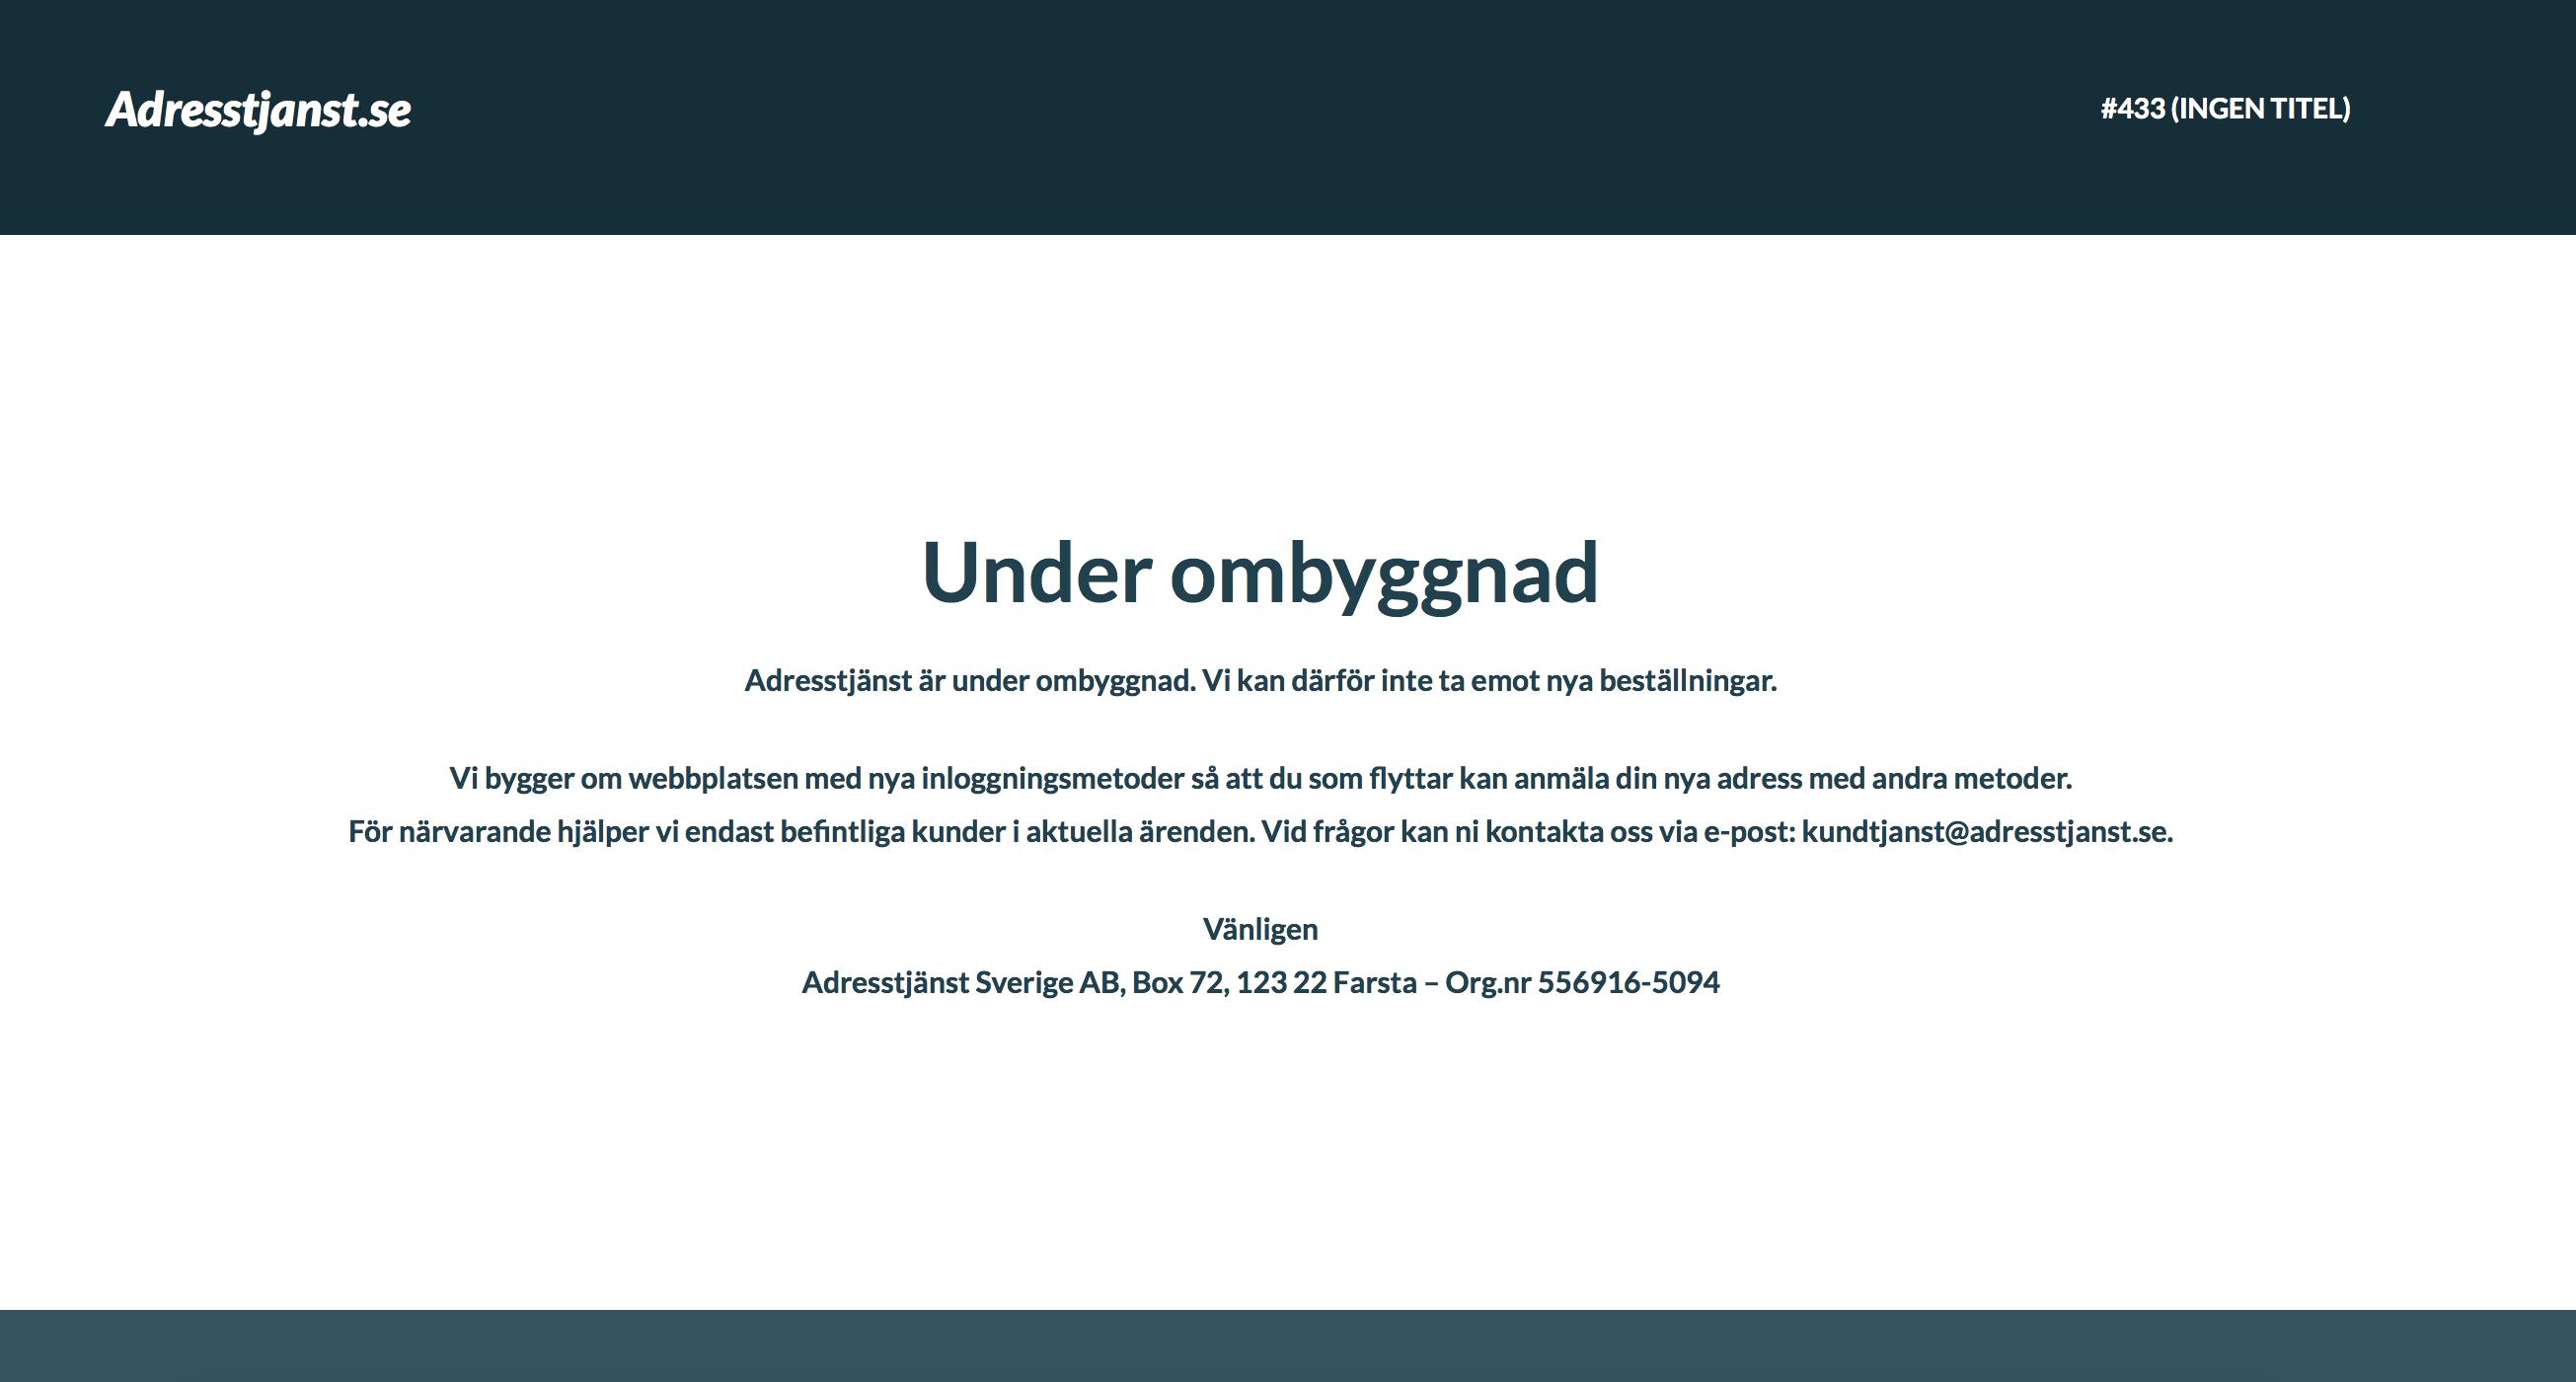 Domstolsbeslut mot Adresstjänst Sverige AB